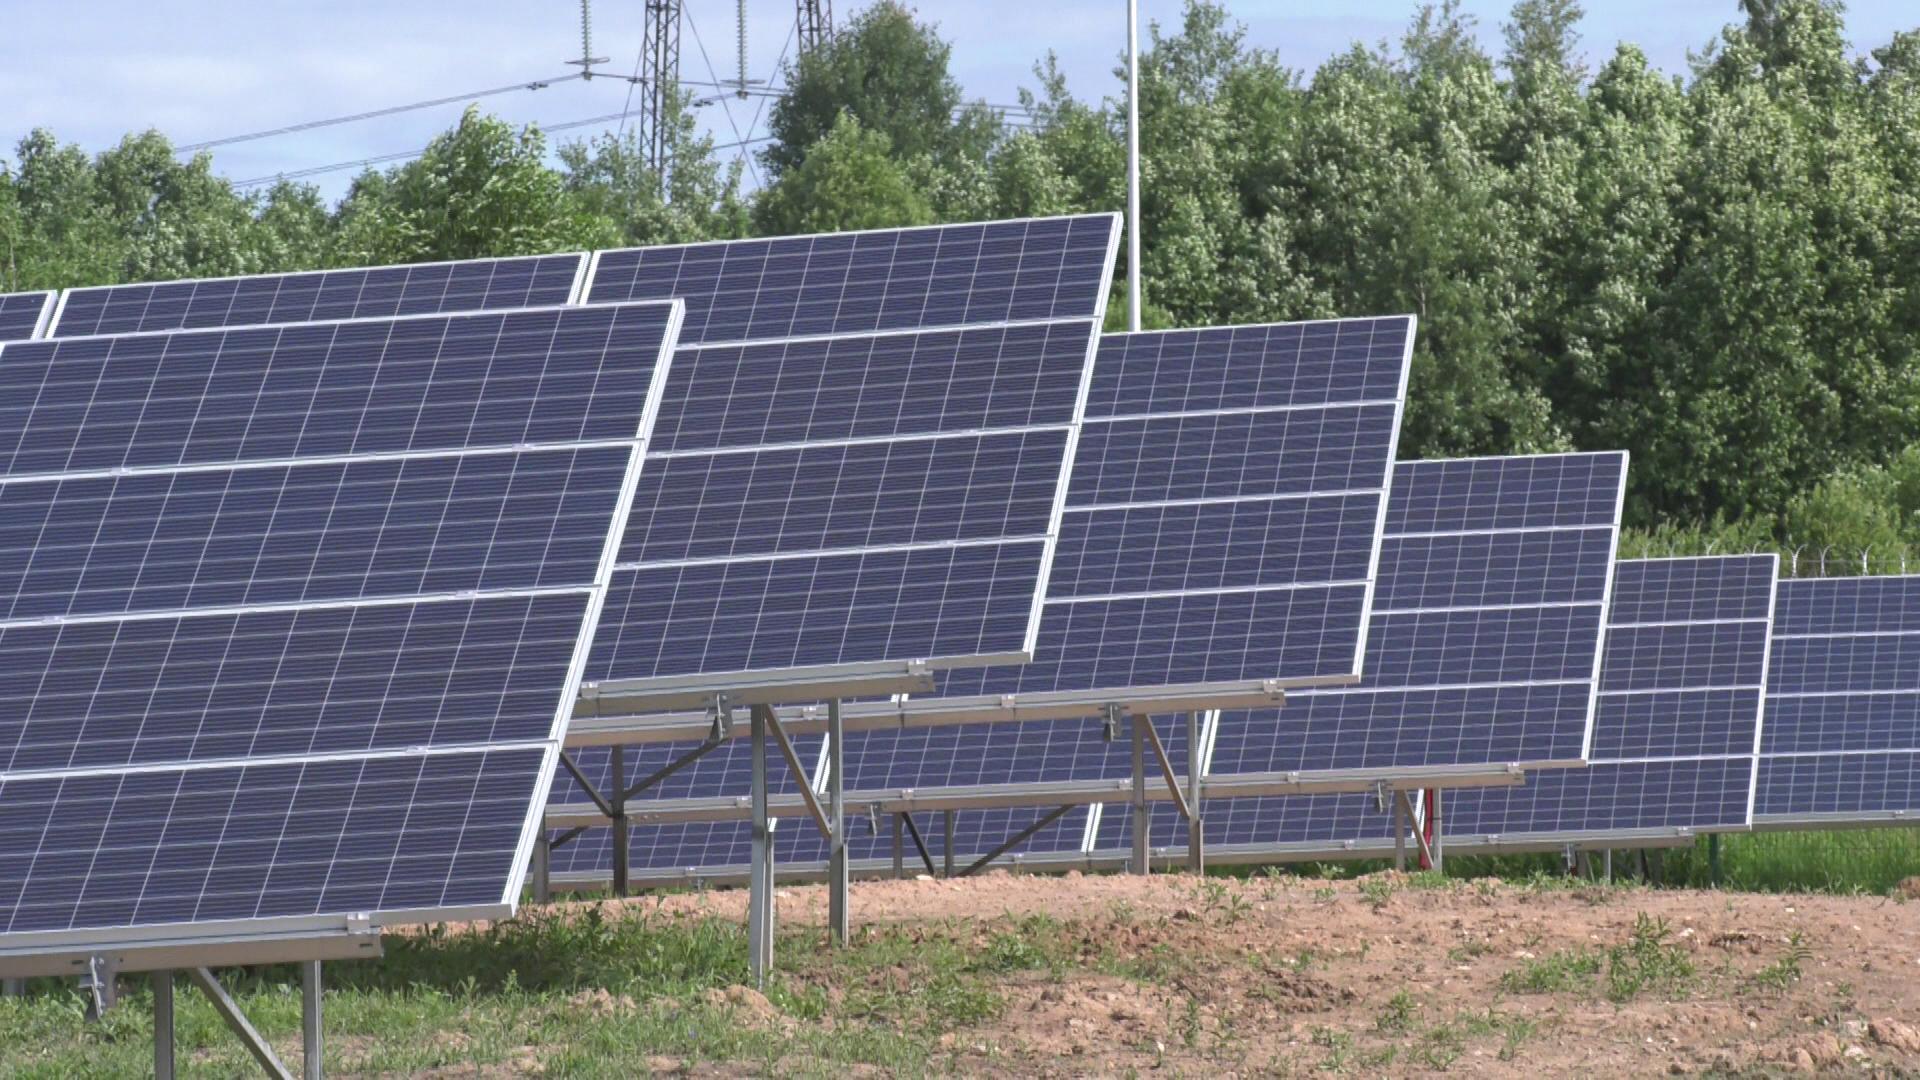 solnechnye batarei - Гелиоэнергетическую установку запустили в Сенненском районе (видео)